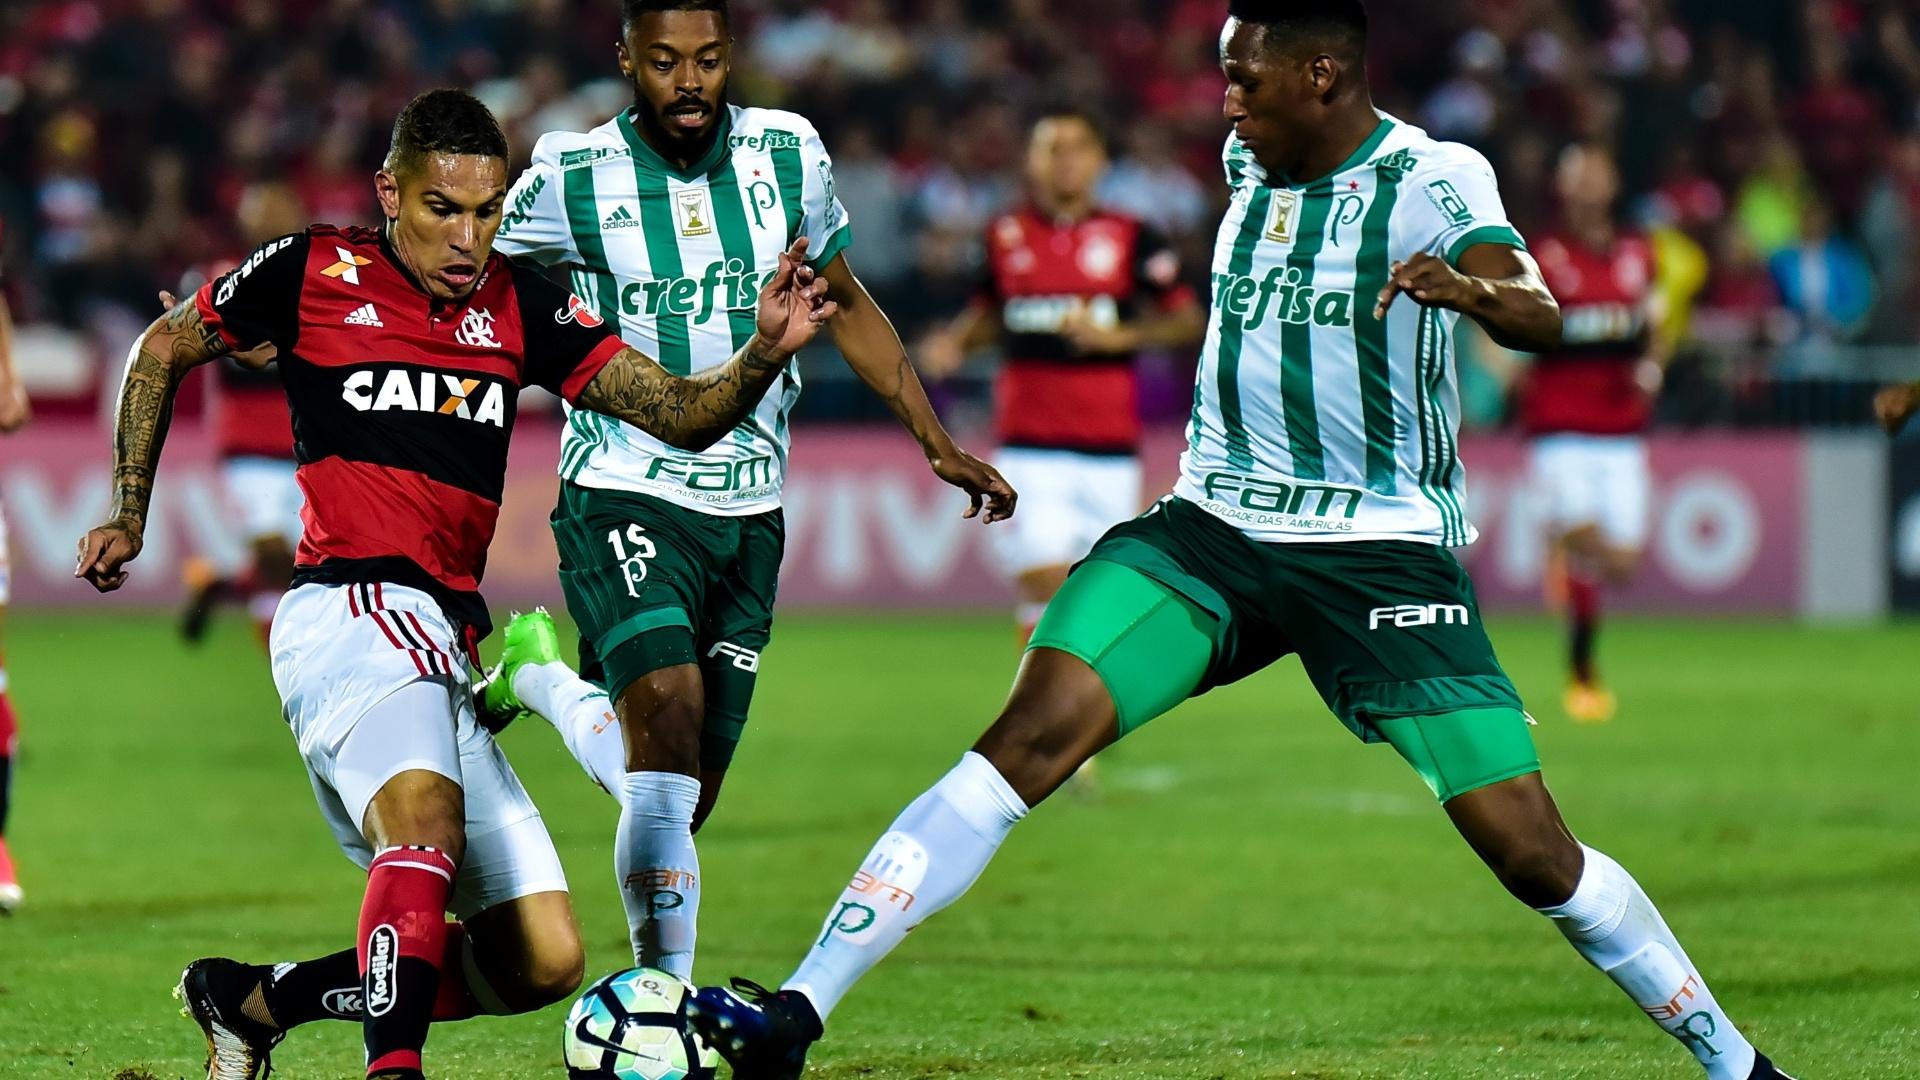 Mina dá combate em Guerrero na partida entre Flamengo e Palmeiras